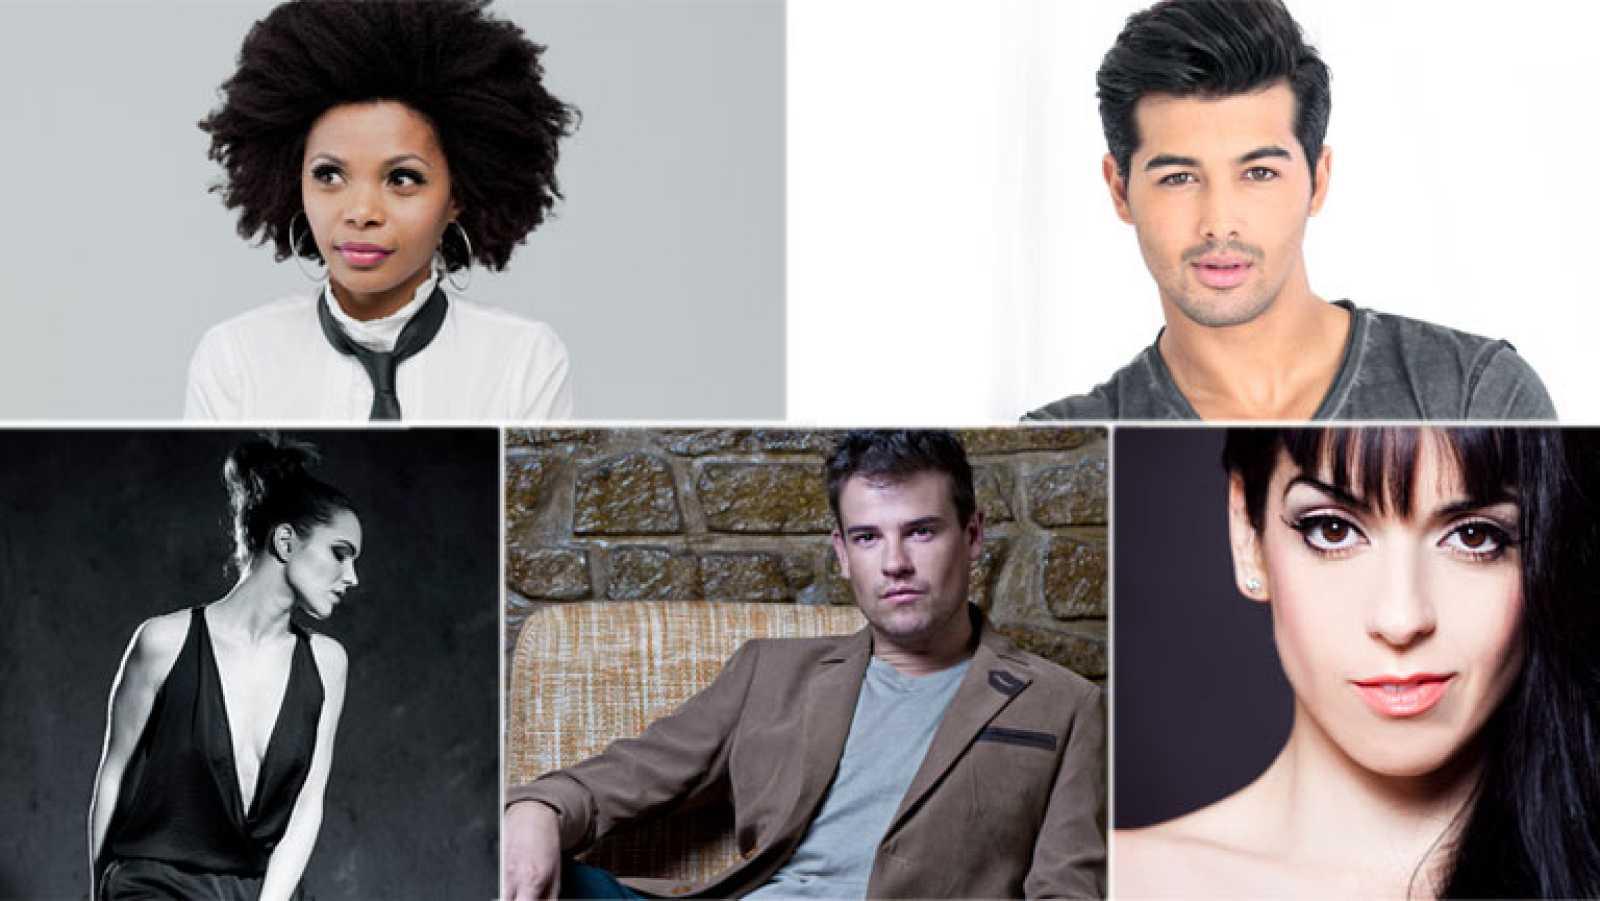 Eurovisión 2014 - Escucha las cinco canciones de los aspirantes para Eurovisión 2014